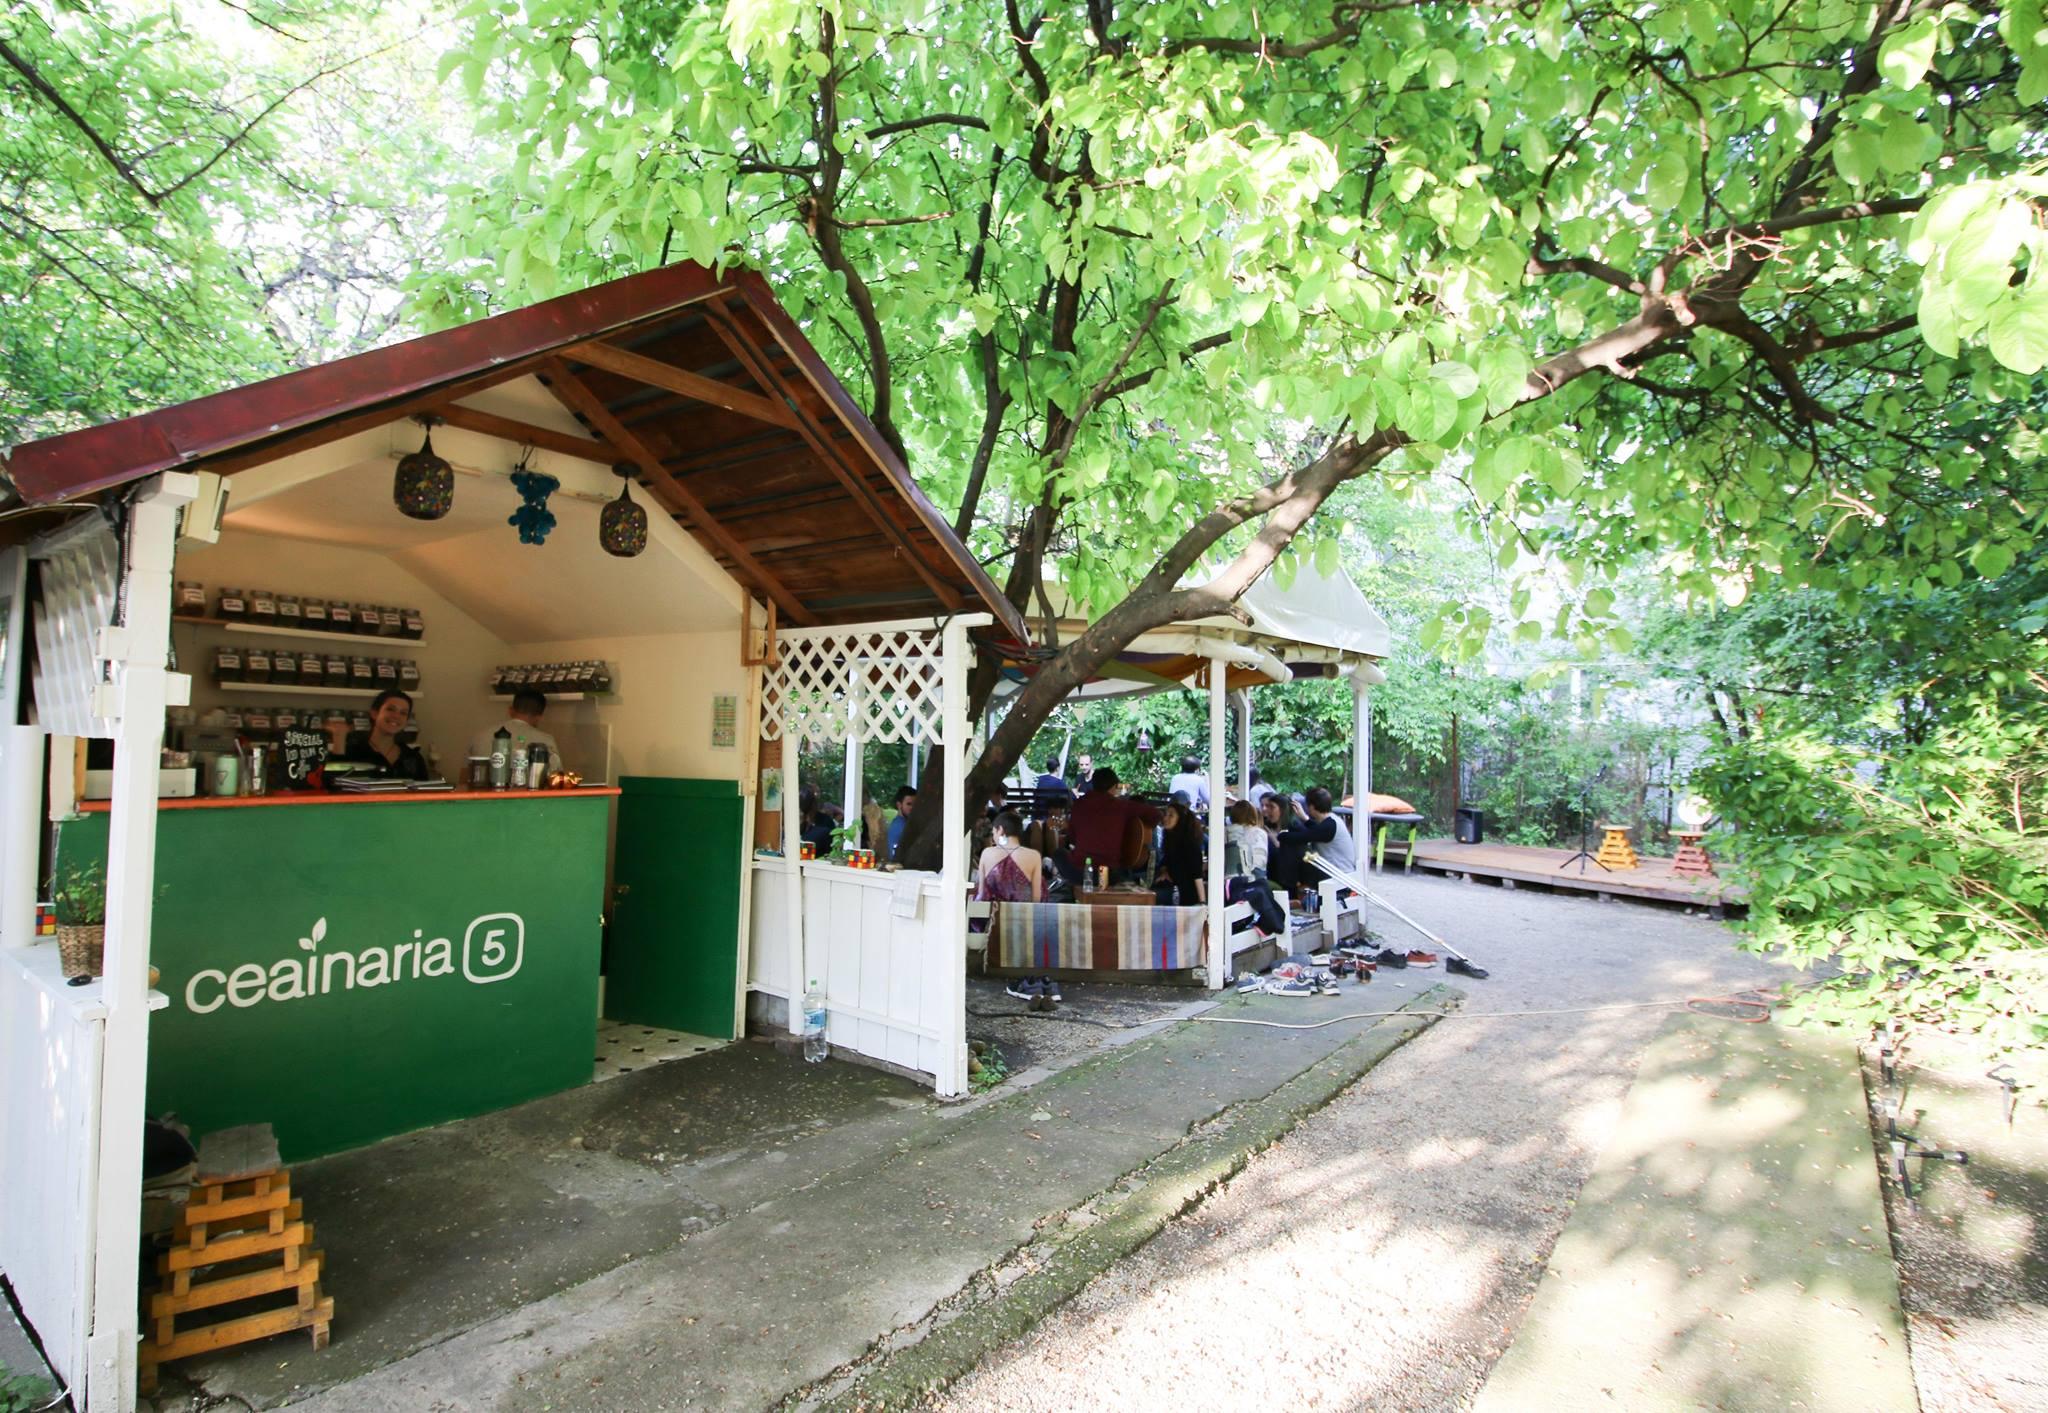 Teahouse 5